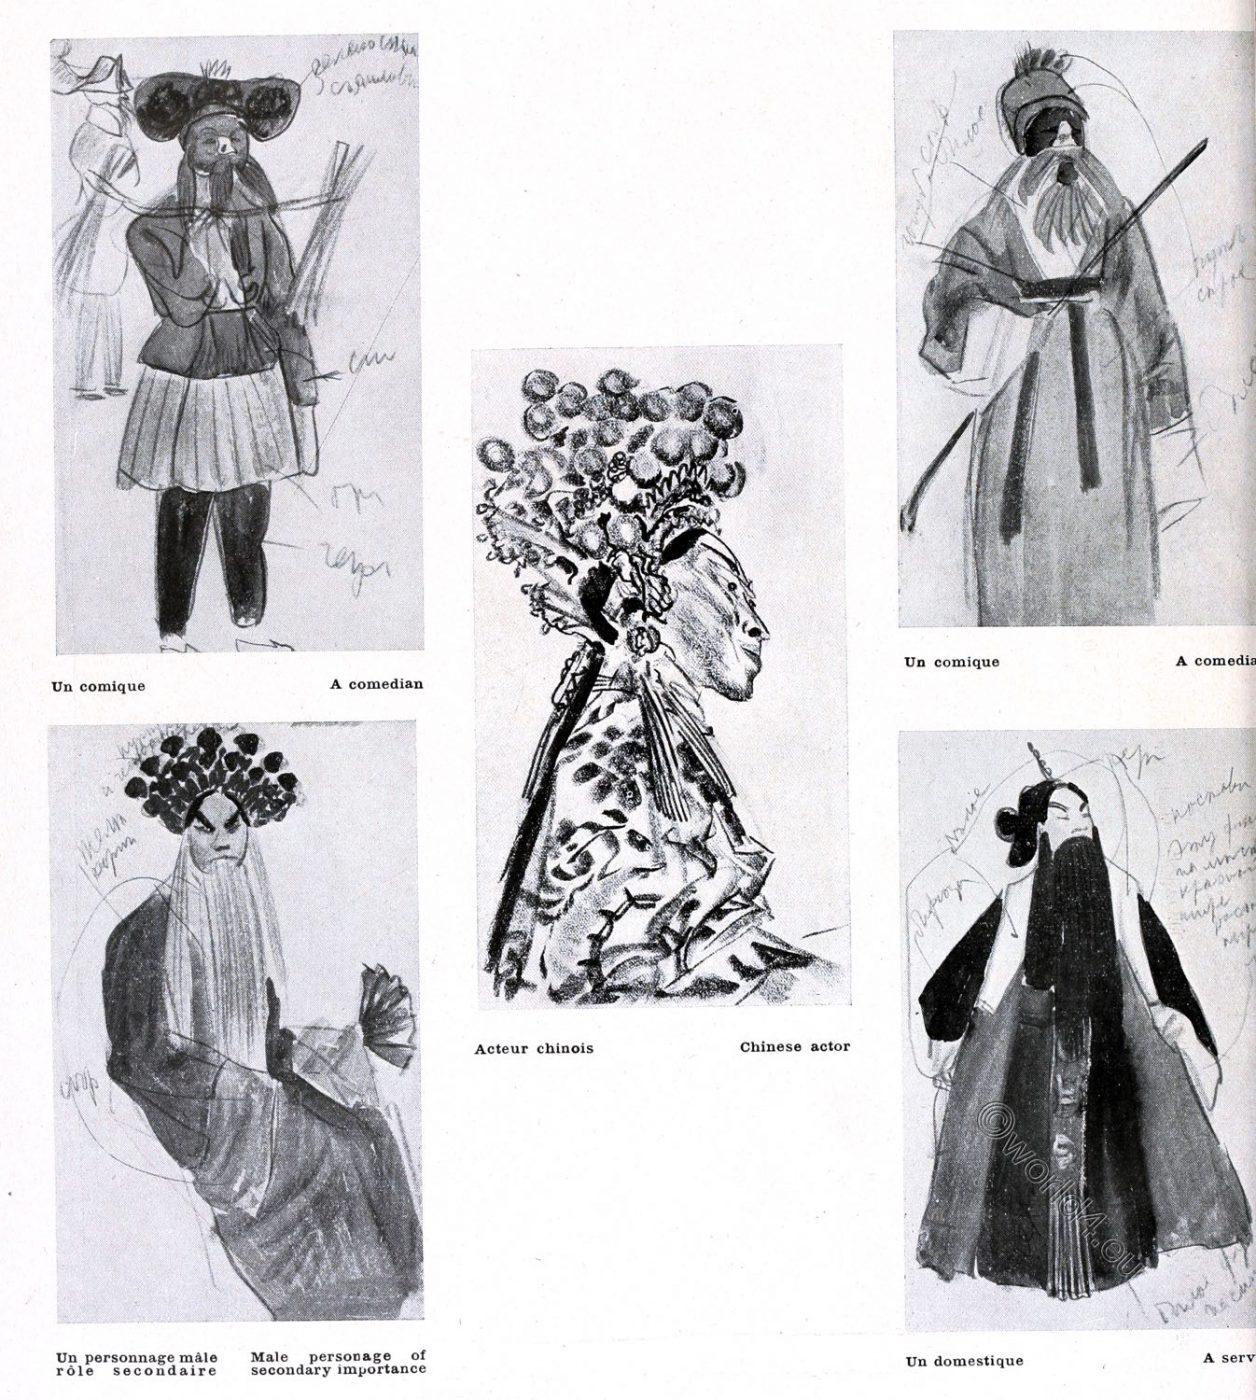 China, Theatre, actors, illustration, Alexander Jewgenjewitsch Jakowlew